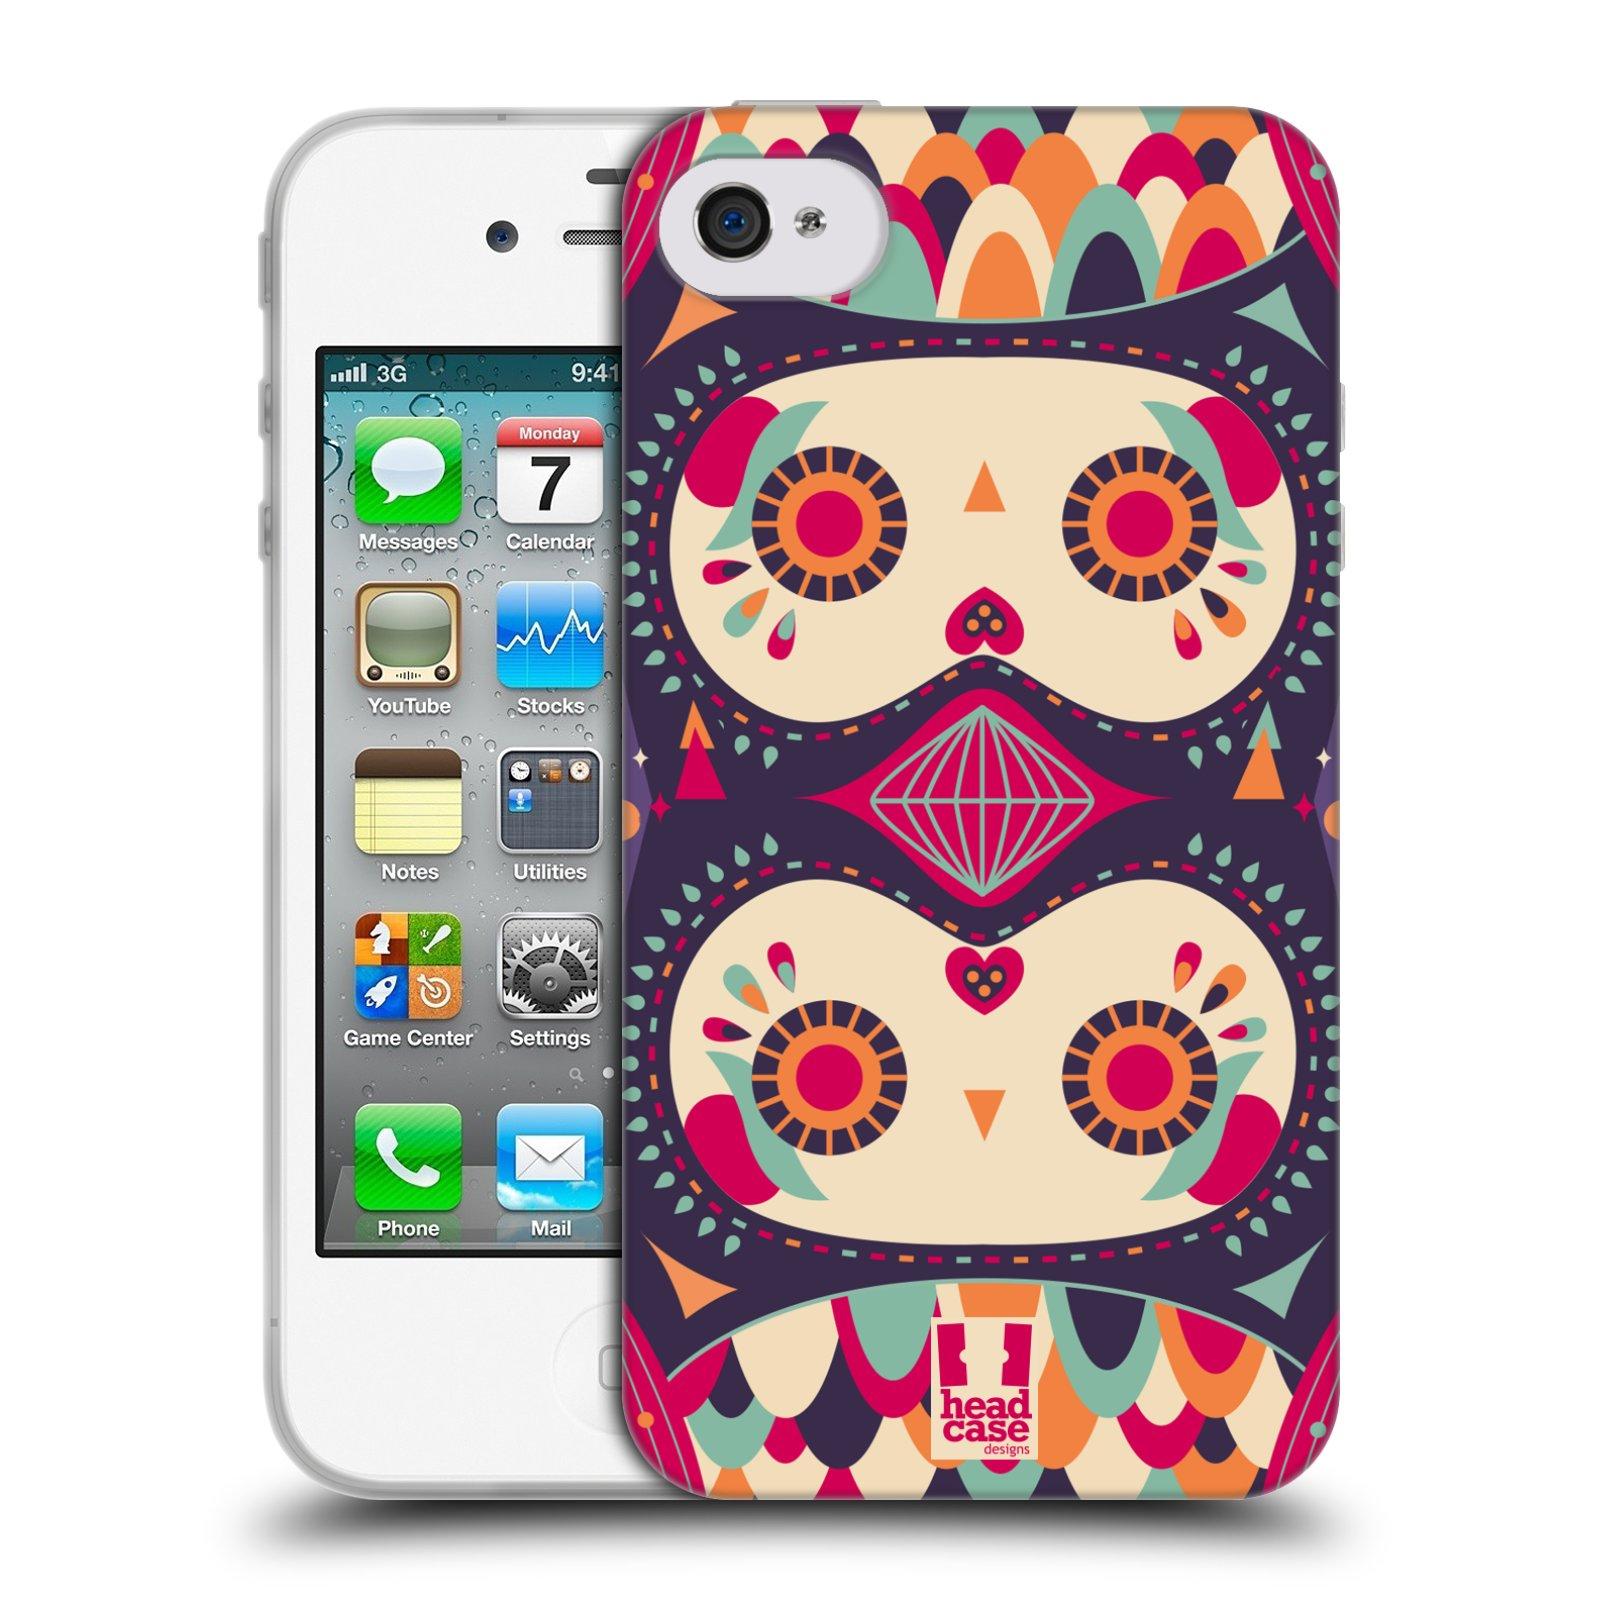 HEAD CASE silikonový obal na mobil Apple Iphone 4/4S vzor Stmívání sovička fialový sen